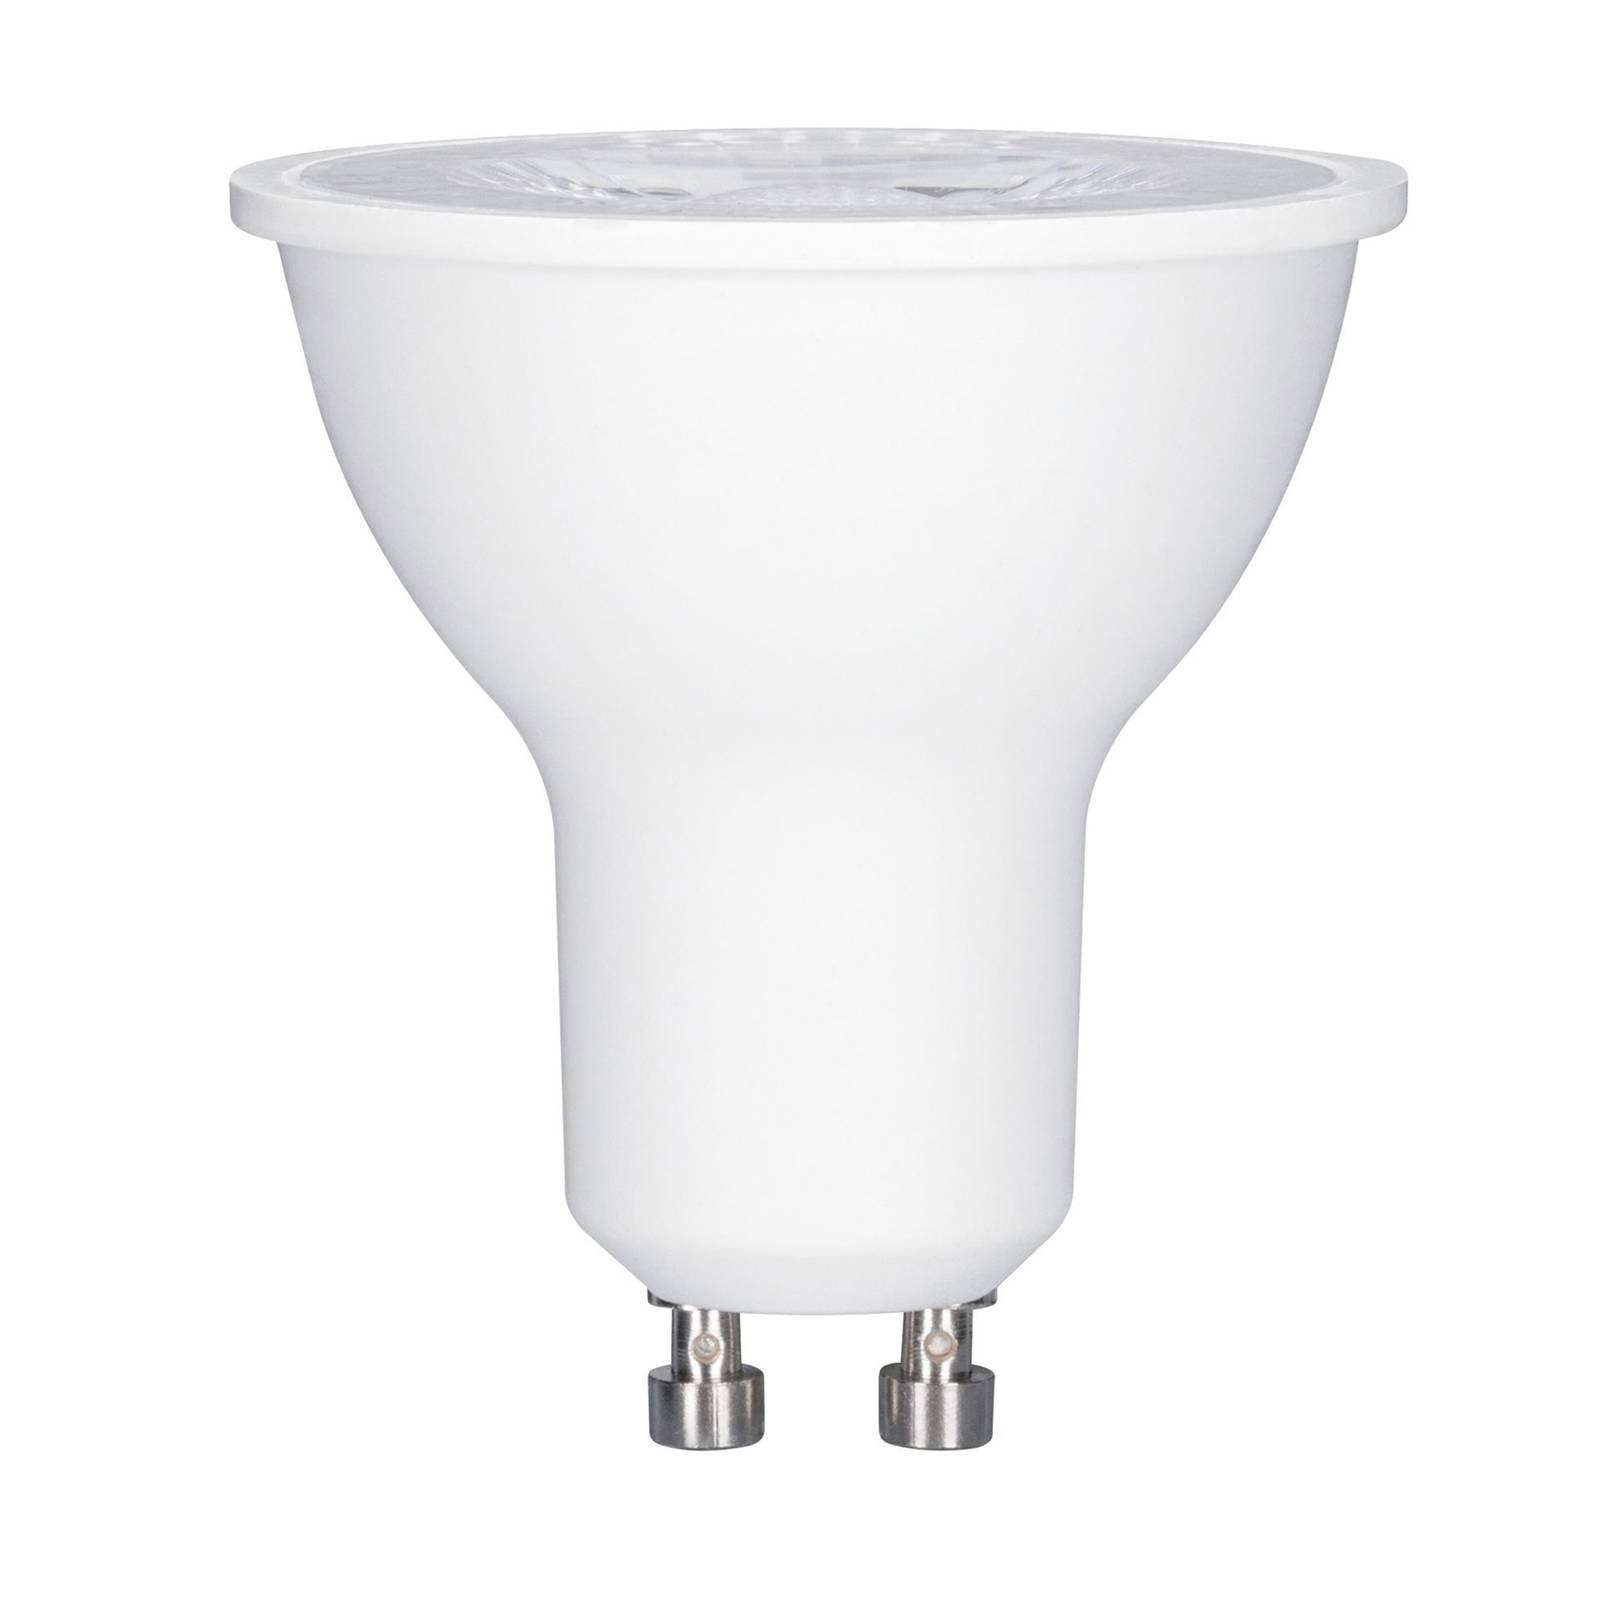 Paulmann-LED-heljastin GU10 6W 350 lm dim to warm